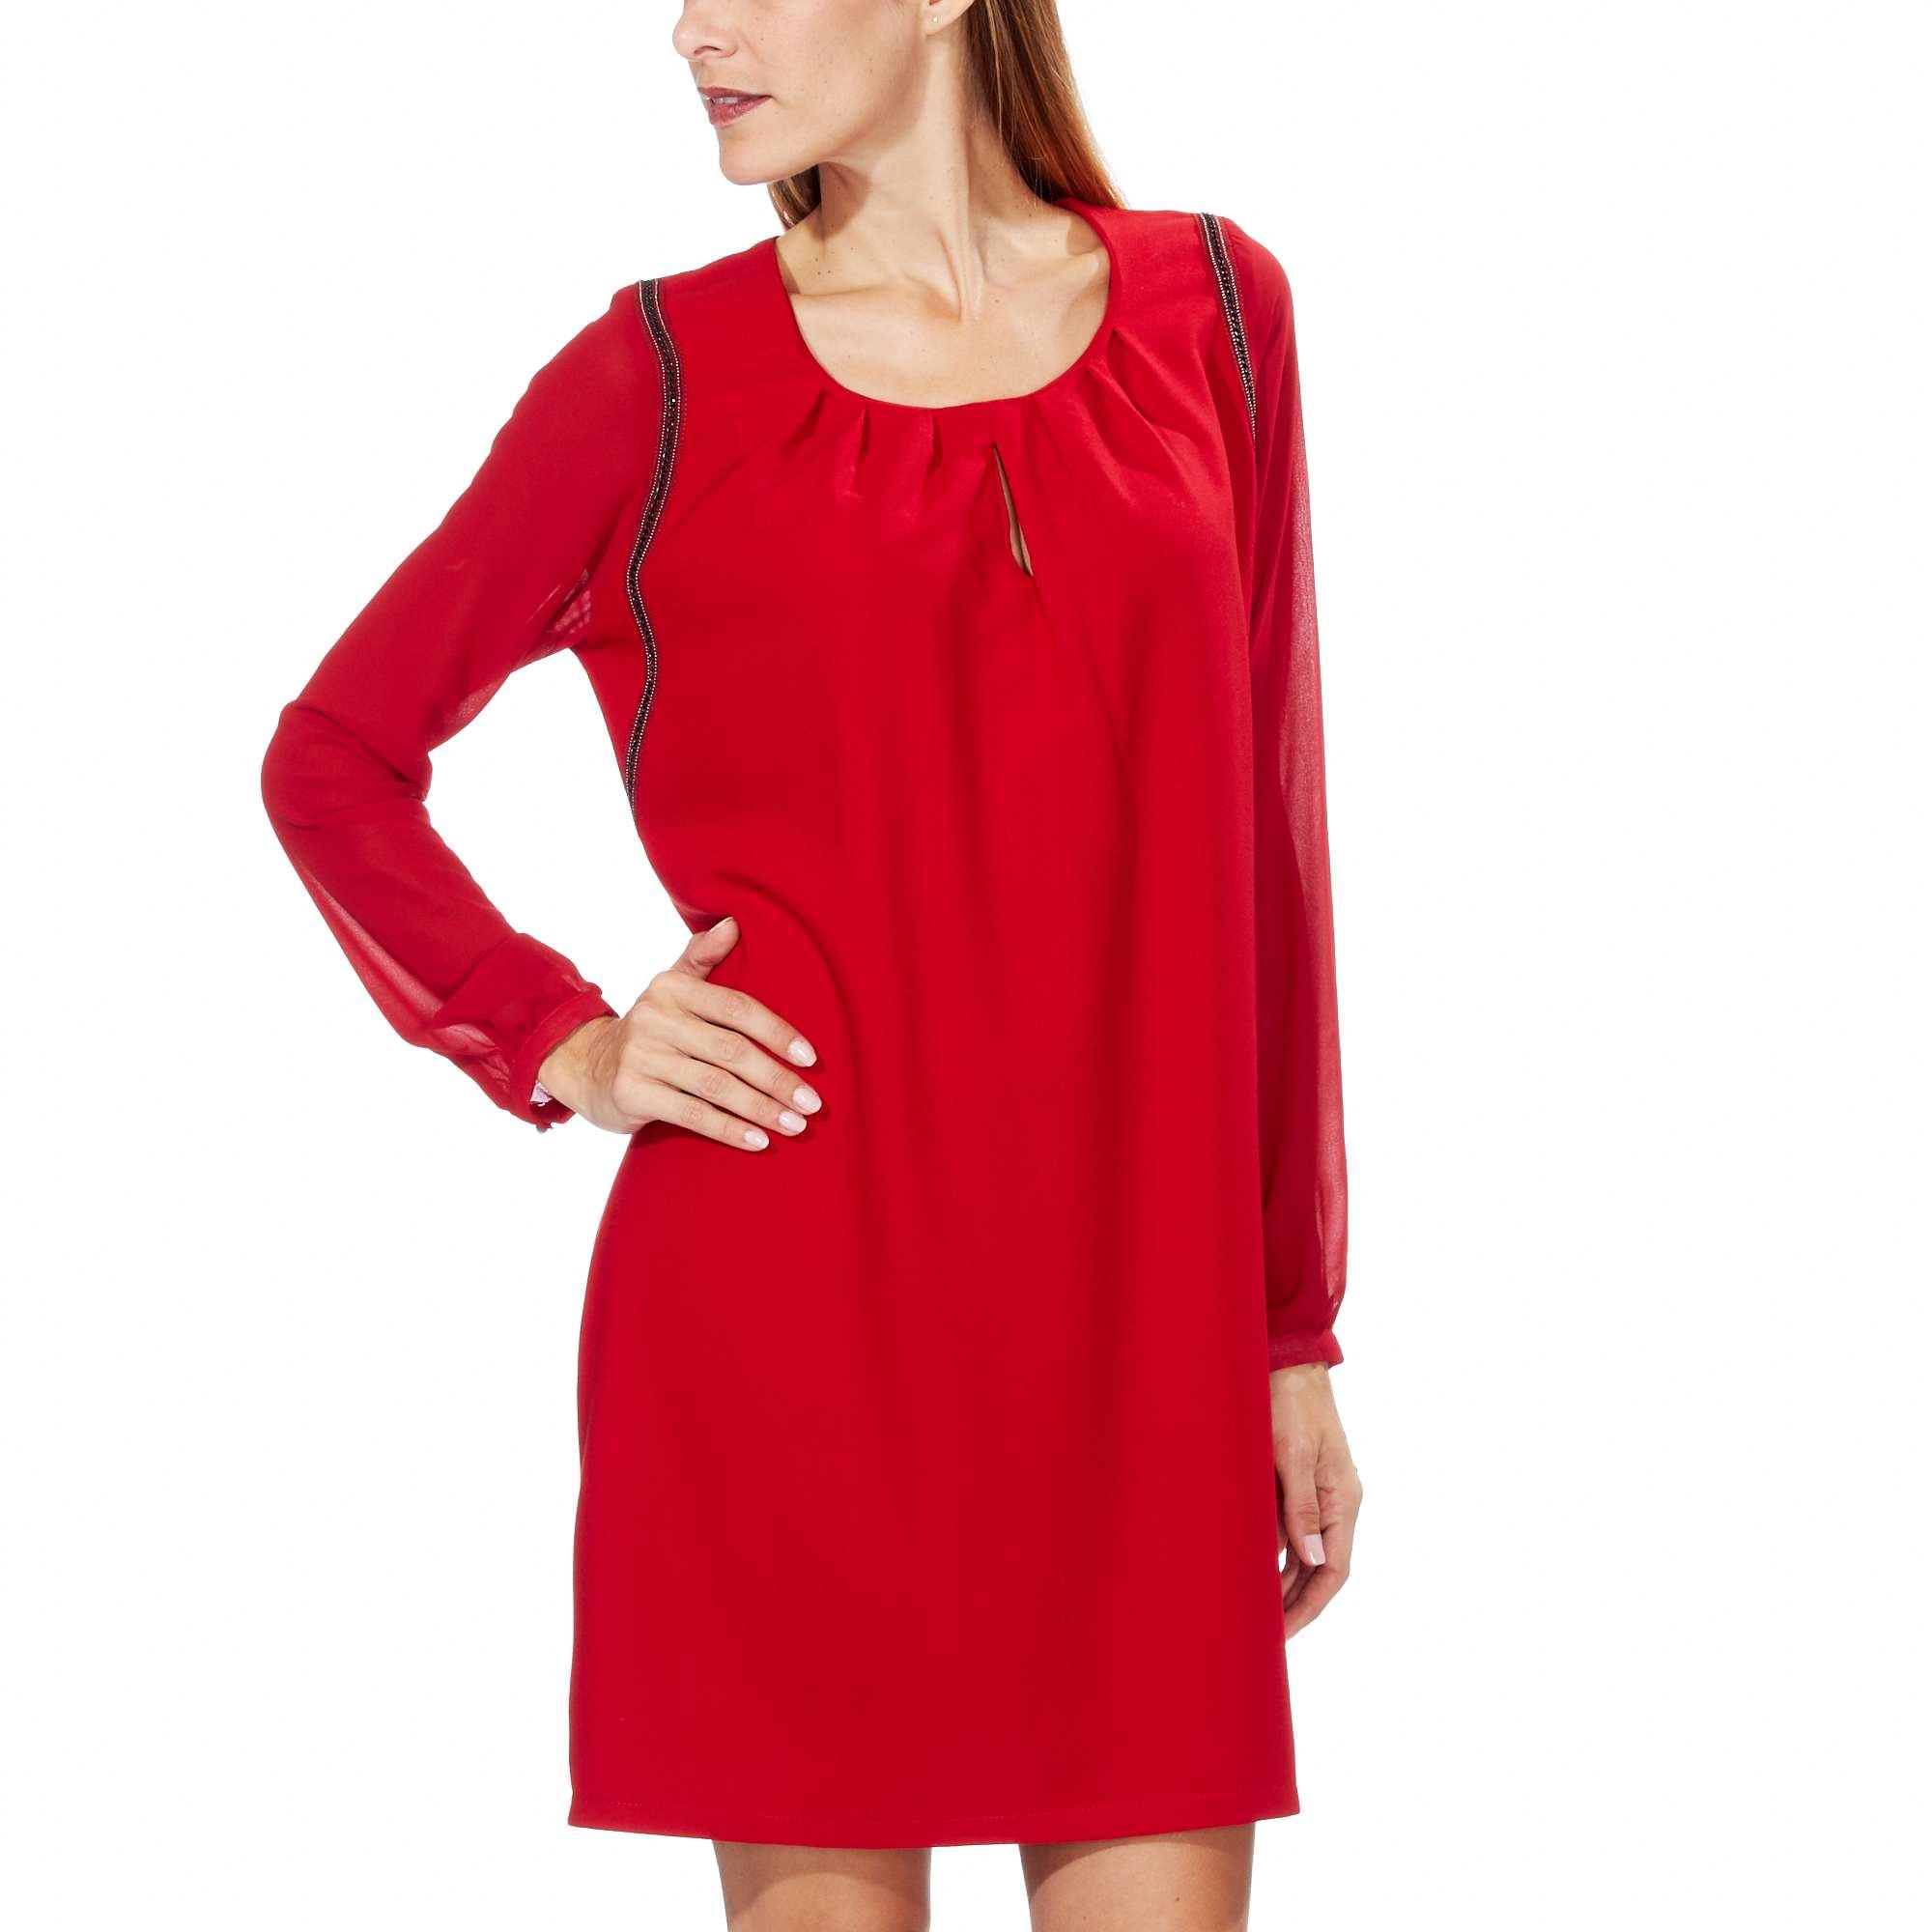 abito-corto-maniche-voile-rosso-donna-gk988_2_zc1